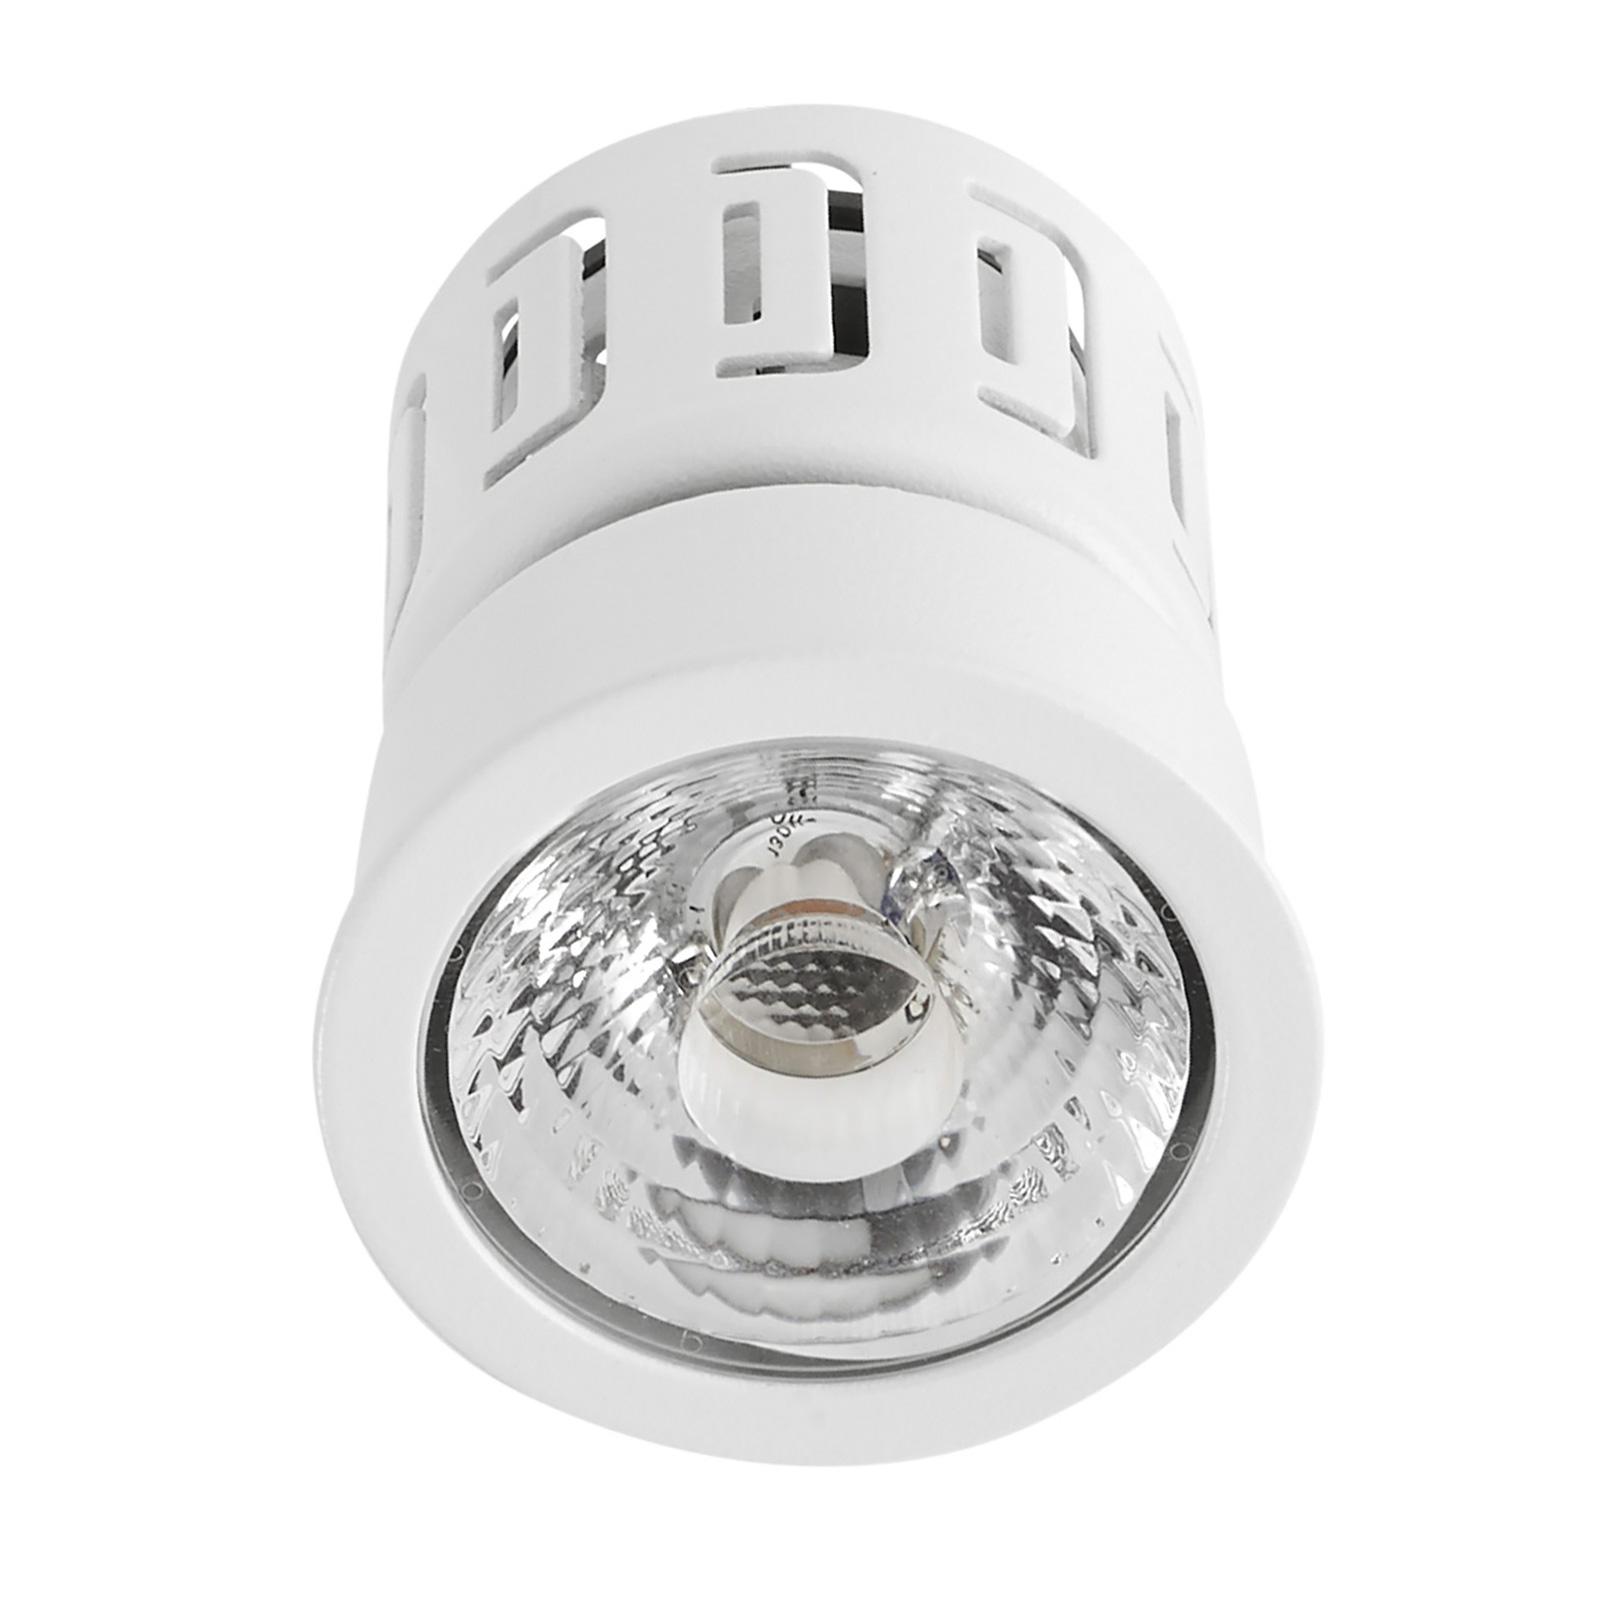 LEDS-C4 IN LED-Modul Multidir Evo S, 2.700 K